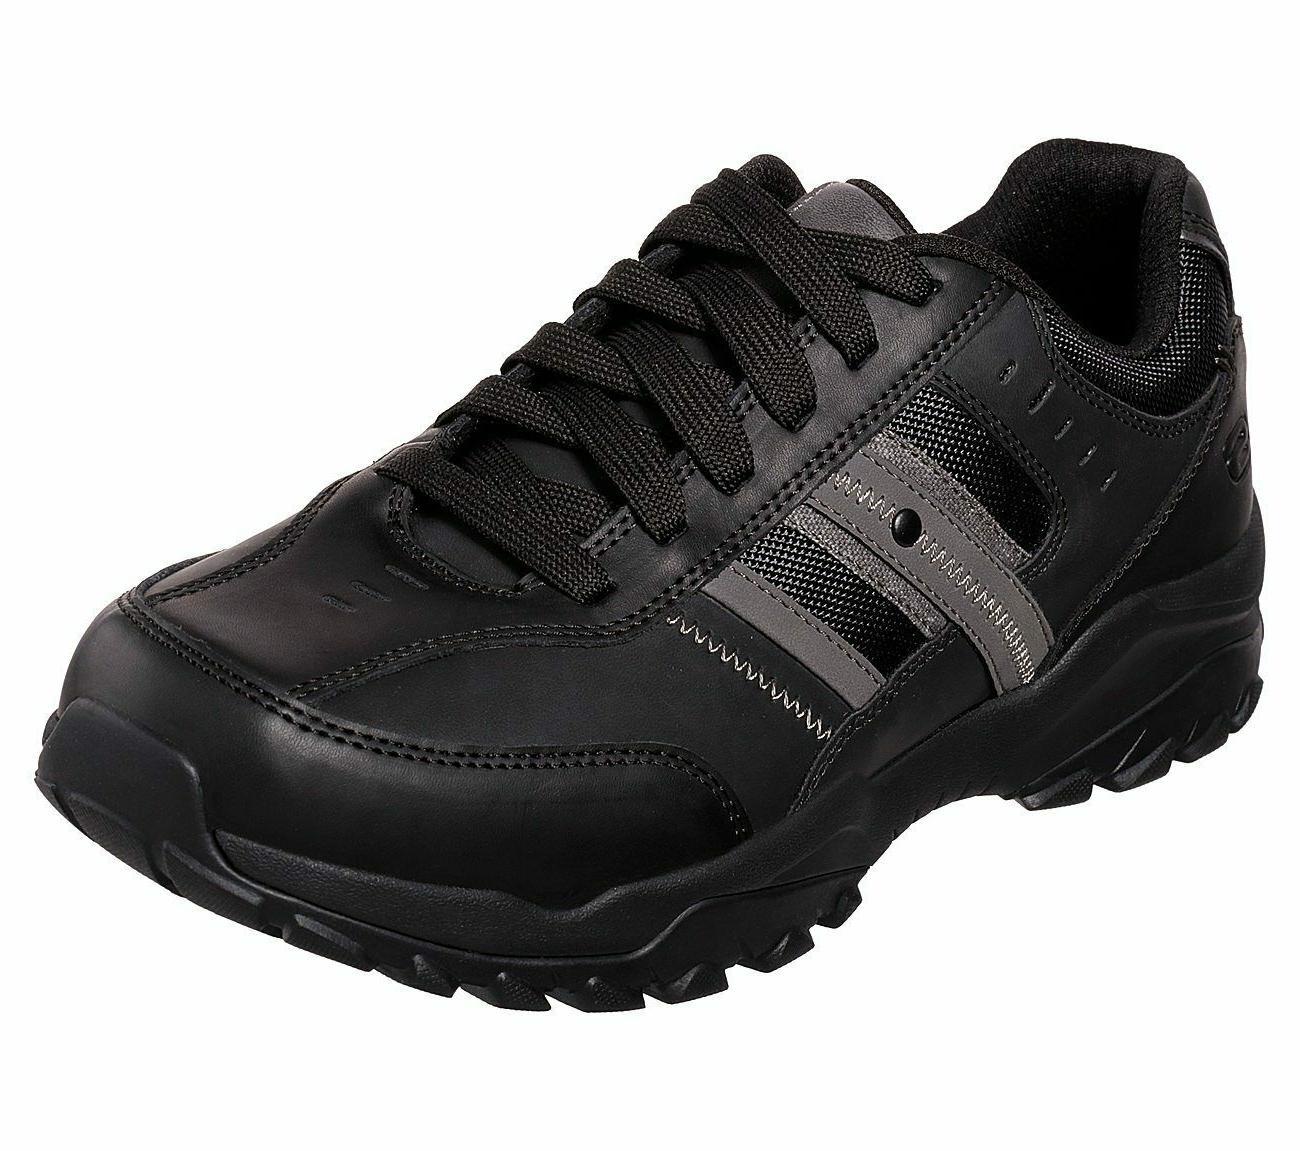 black shoes men memory foam sporty casual